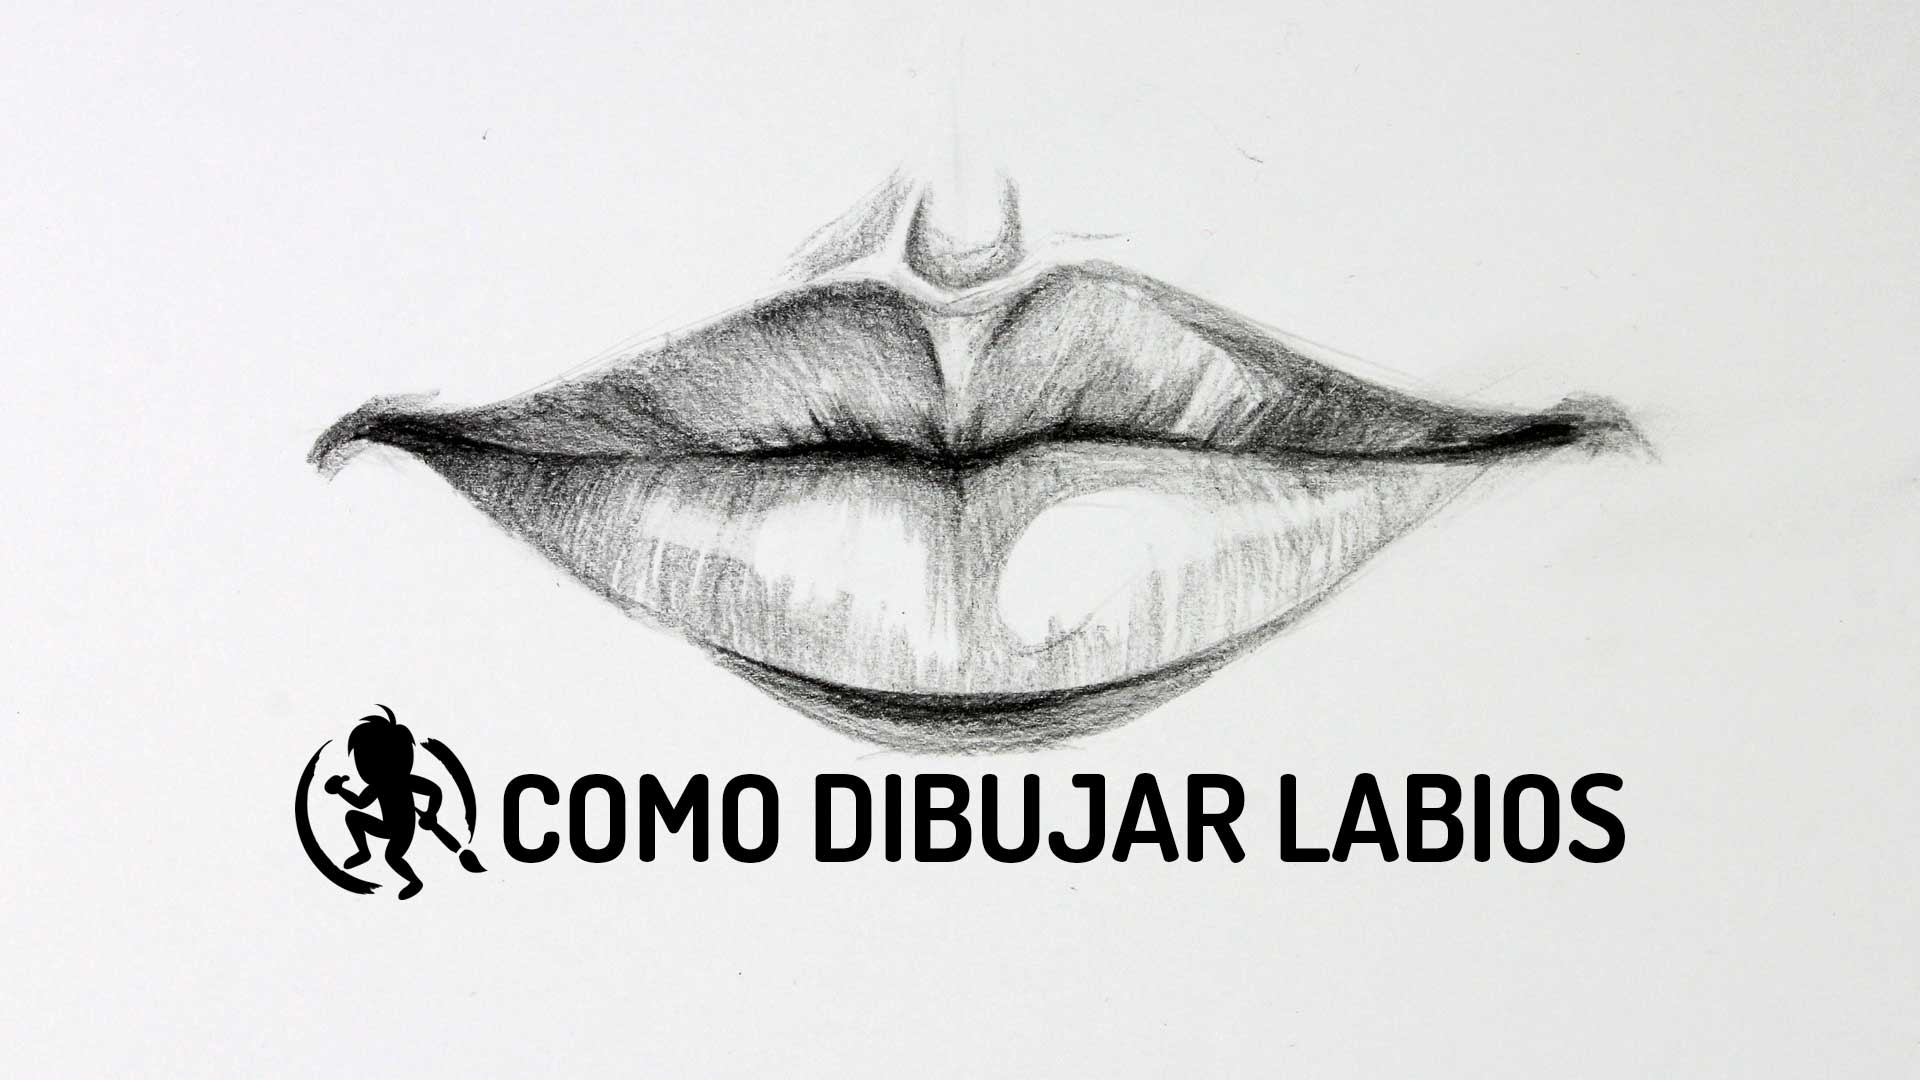 Como dibujar labios de frente